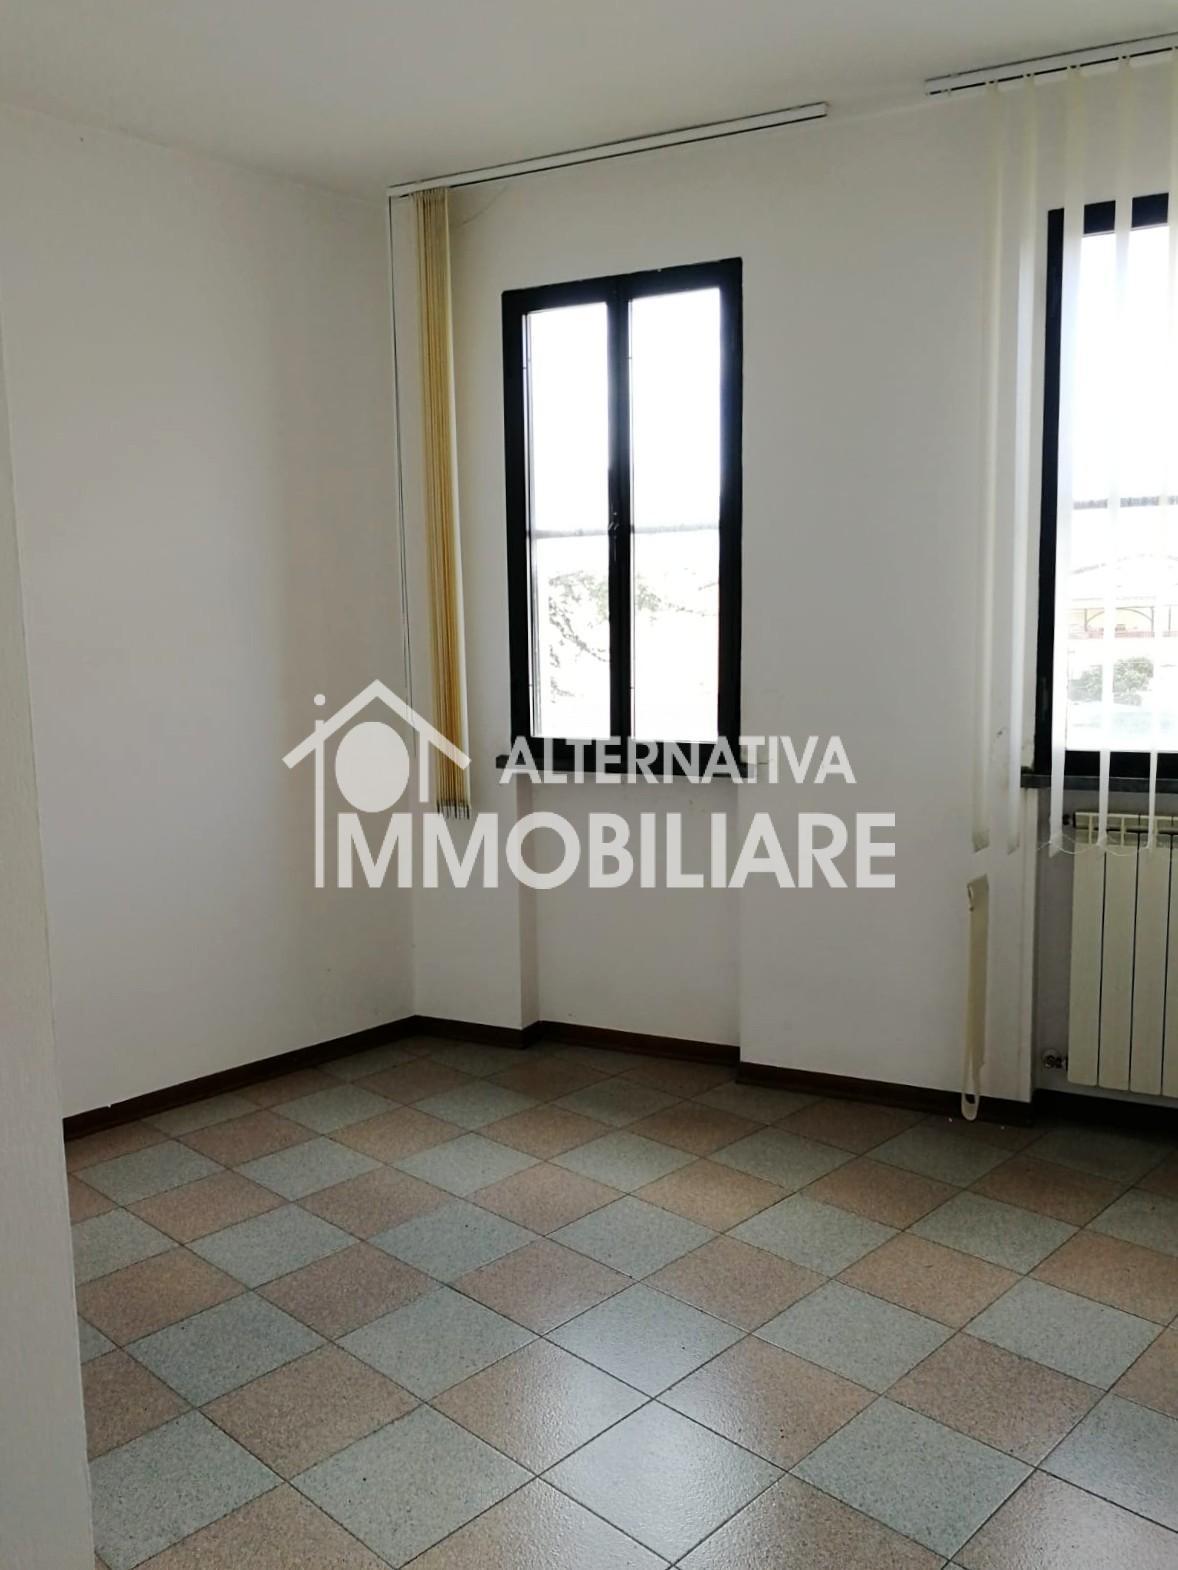 Ufficio in vendita a Vecchiano (PI)